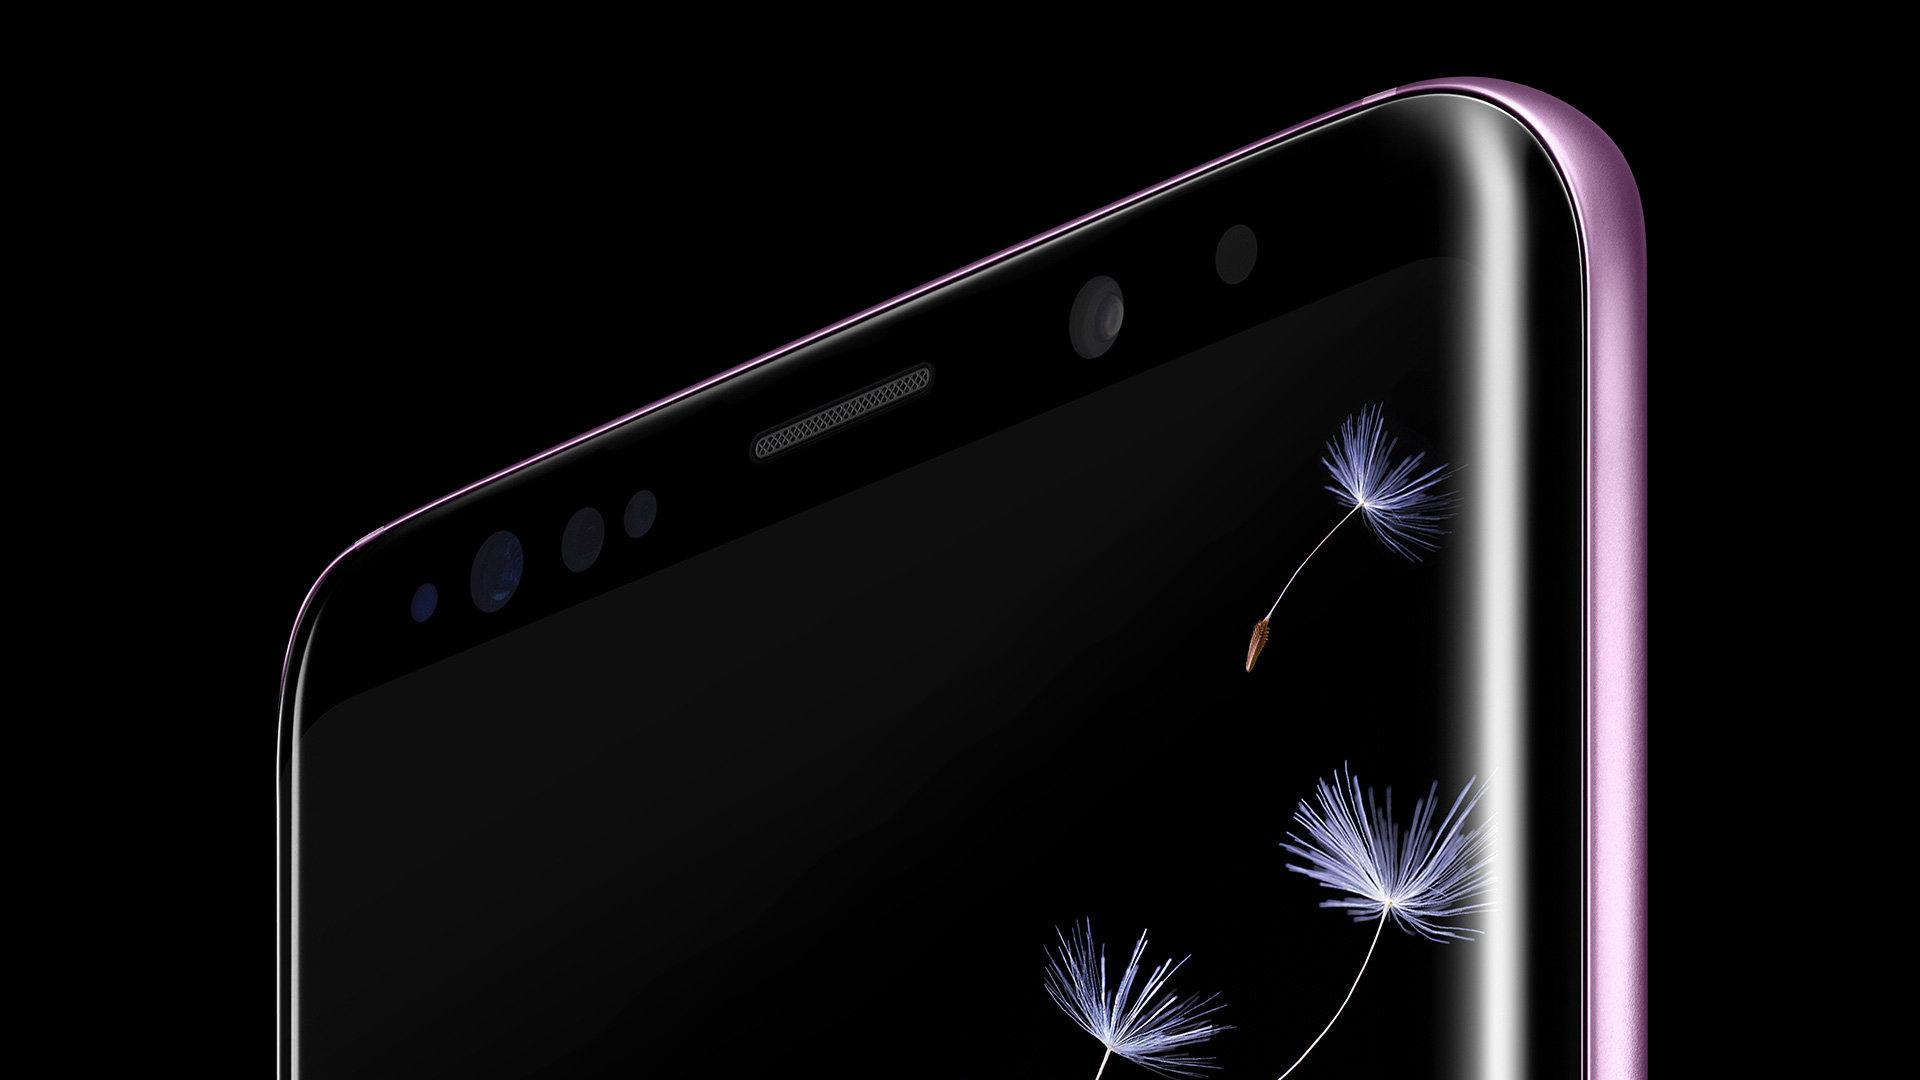 Следственный комитет теперь имеет оборудование для взлома всех iPhone и Android